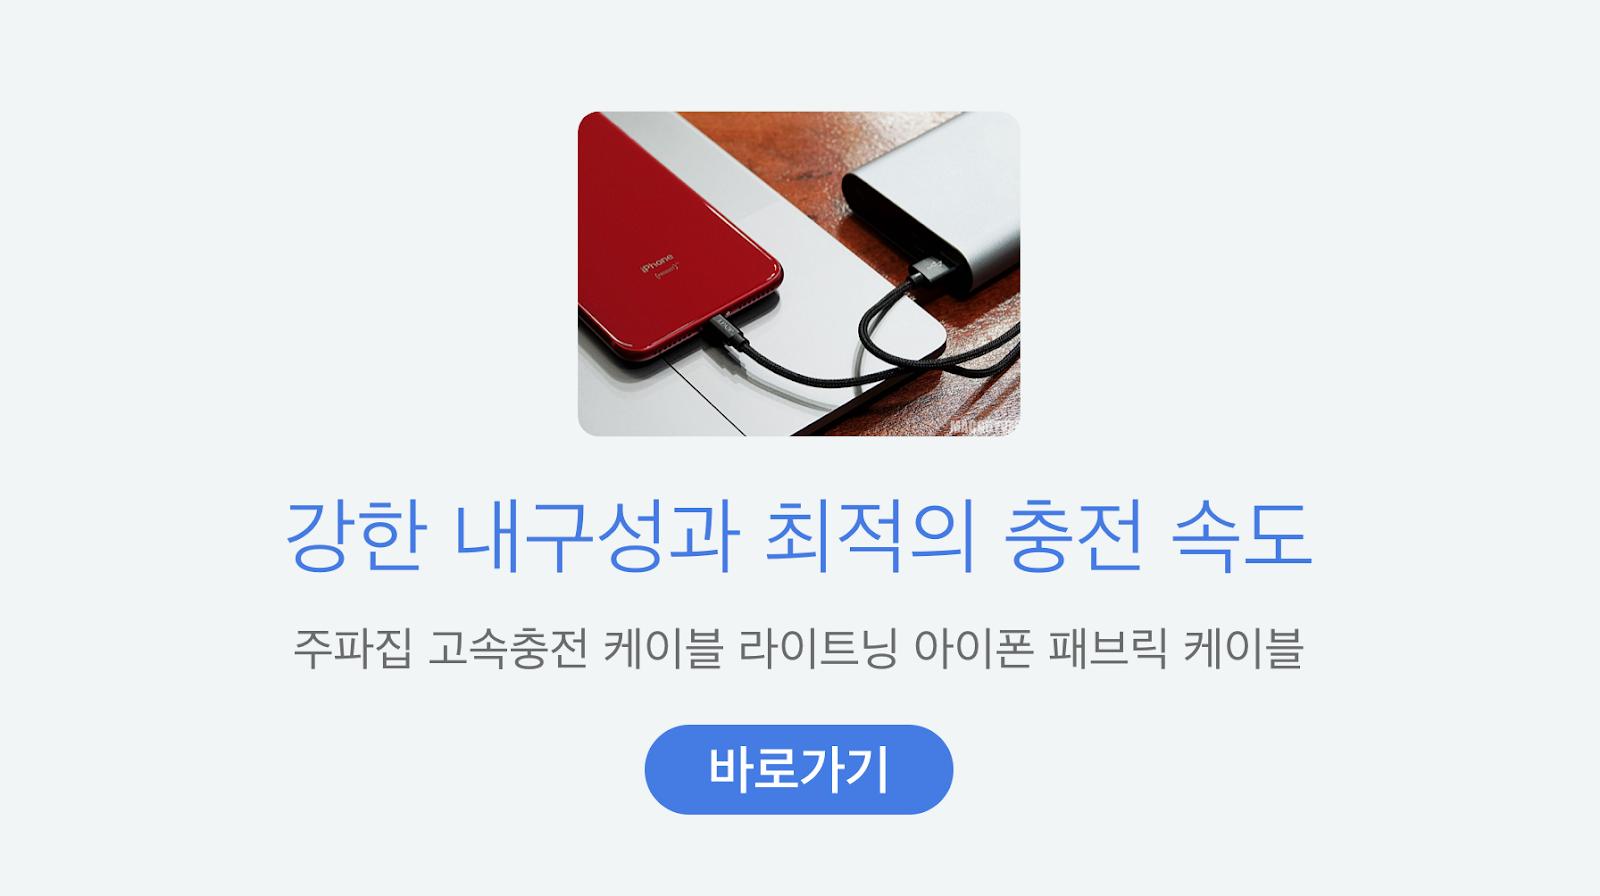 https://smartstore.naver.com/jupazip/products/3630599452